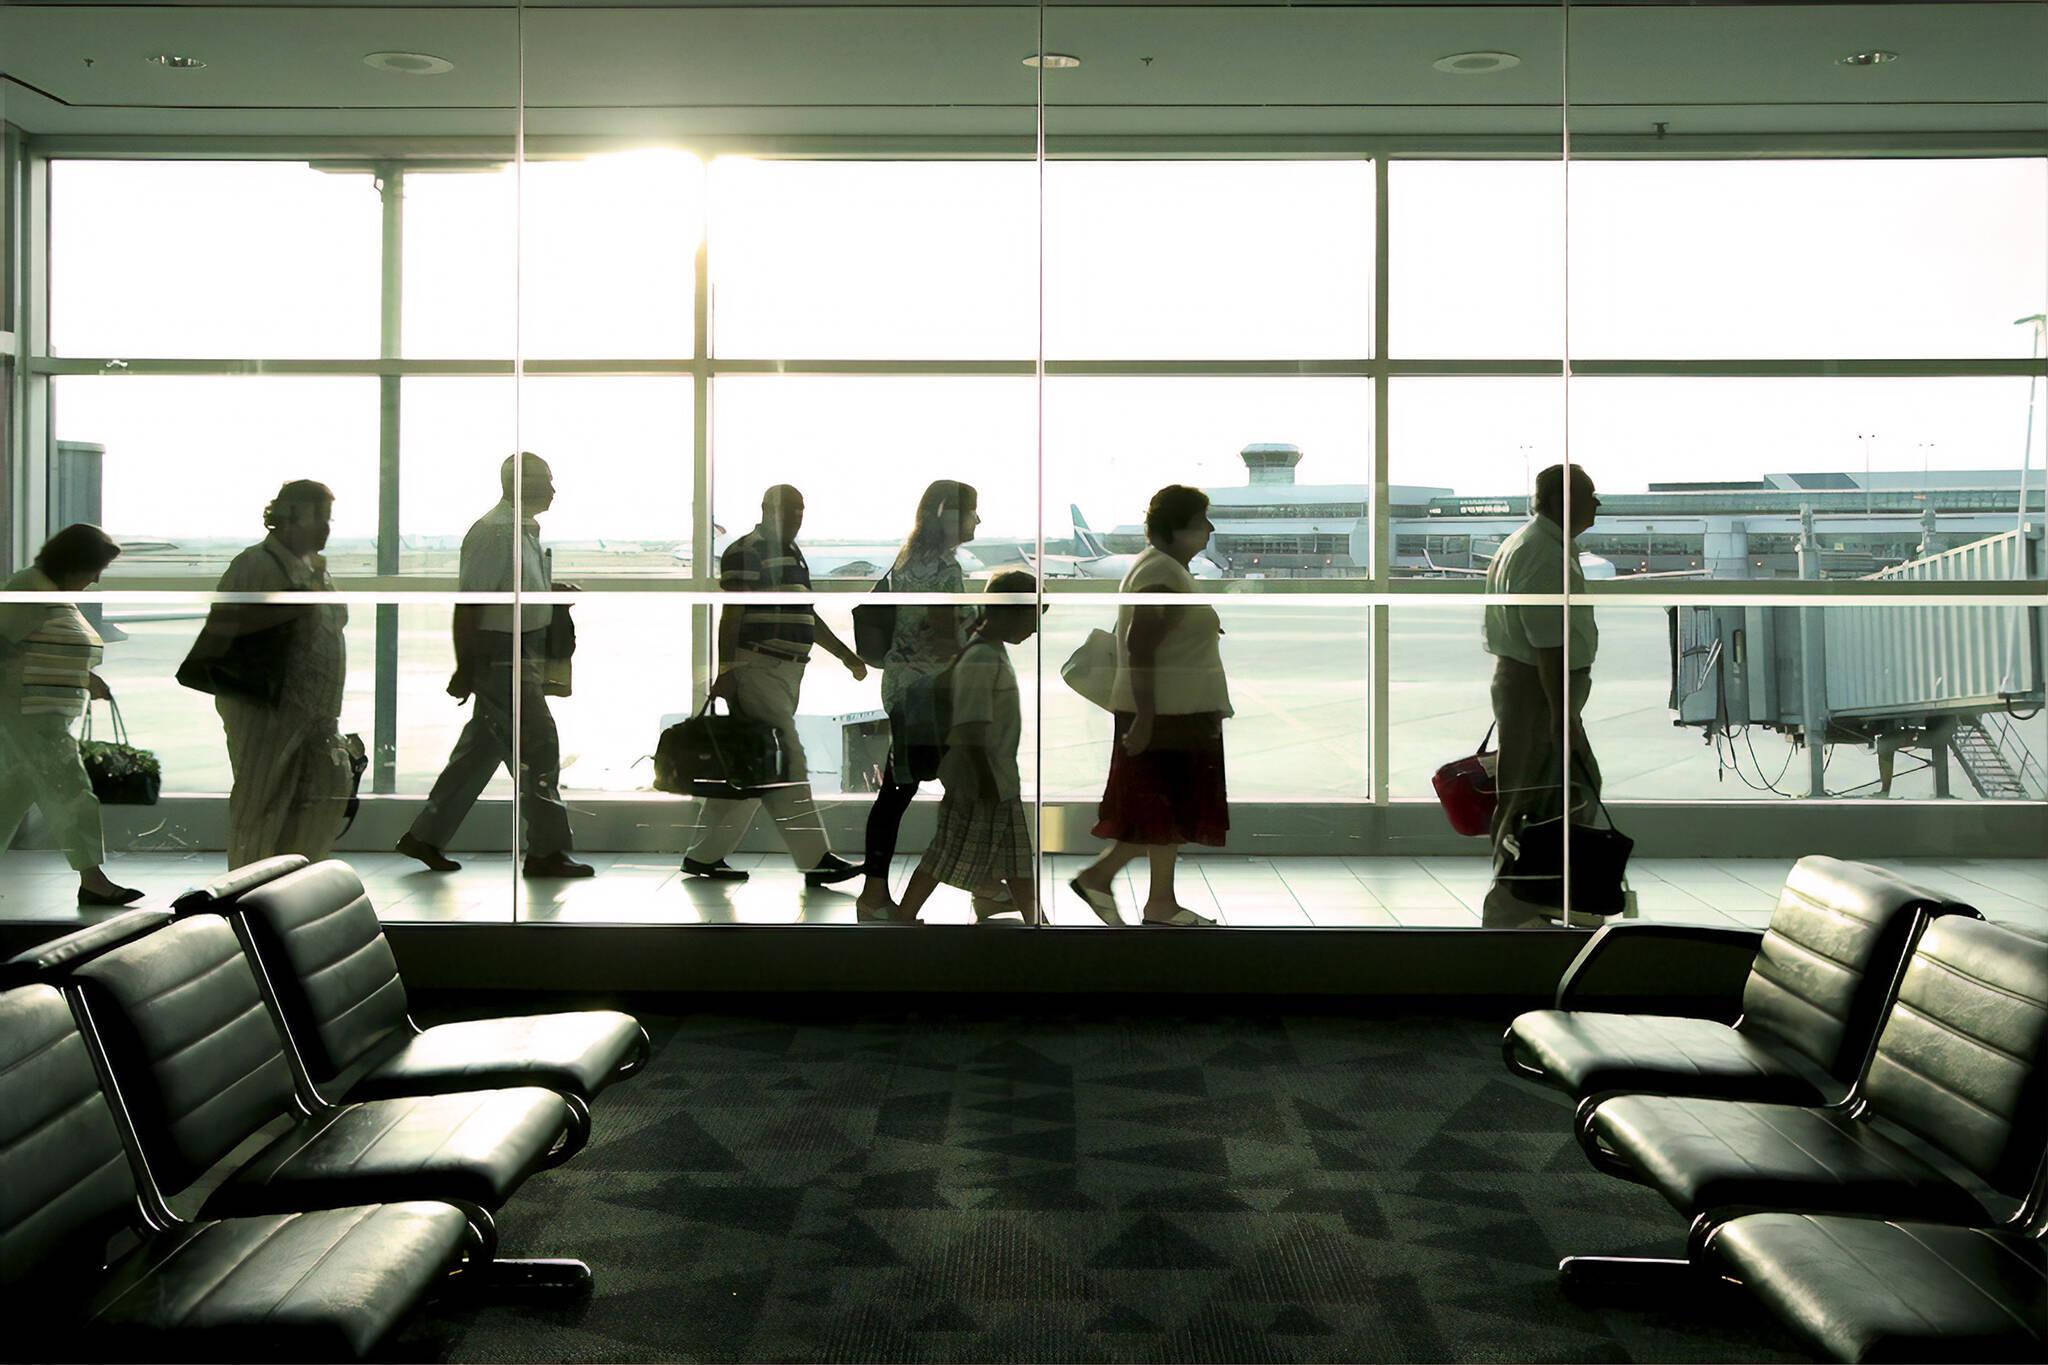 coronavirus toronto airport